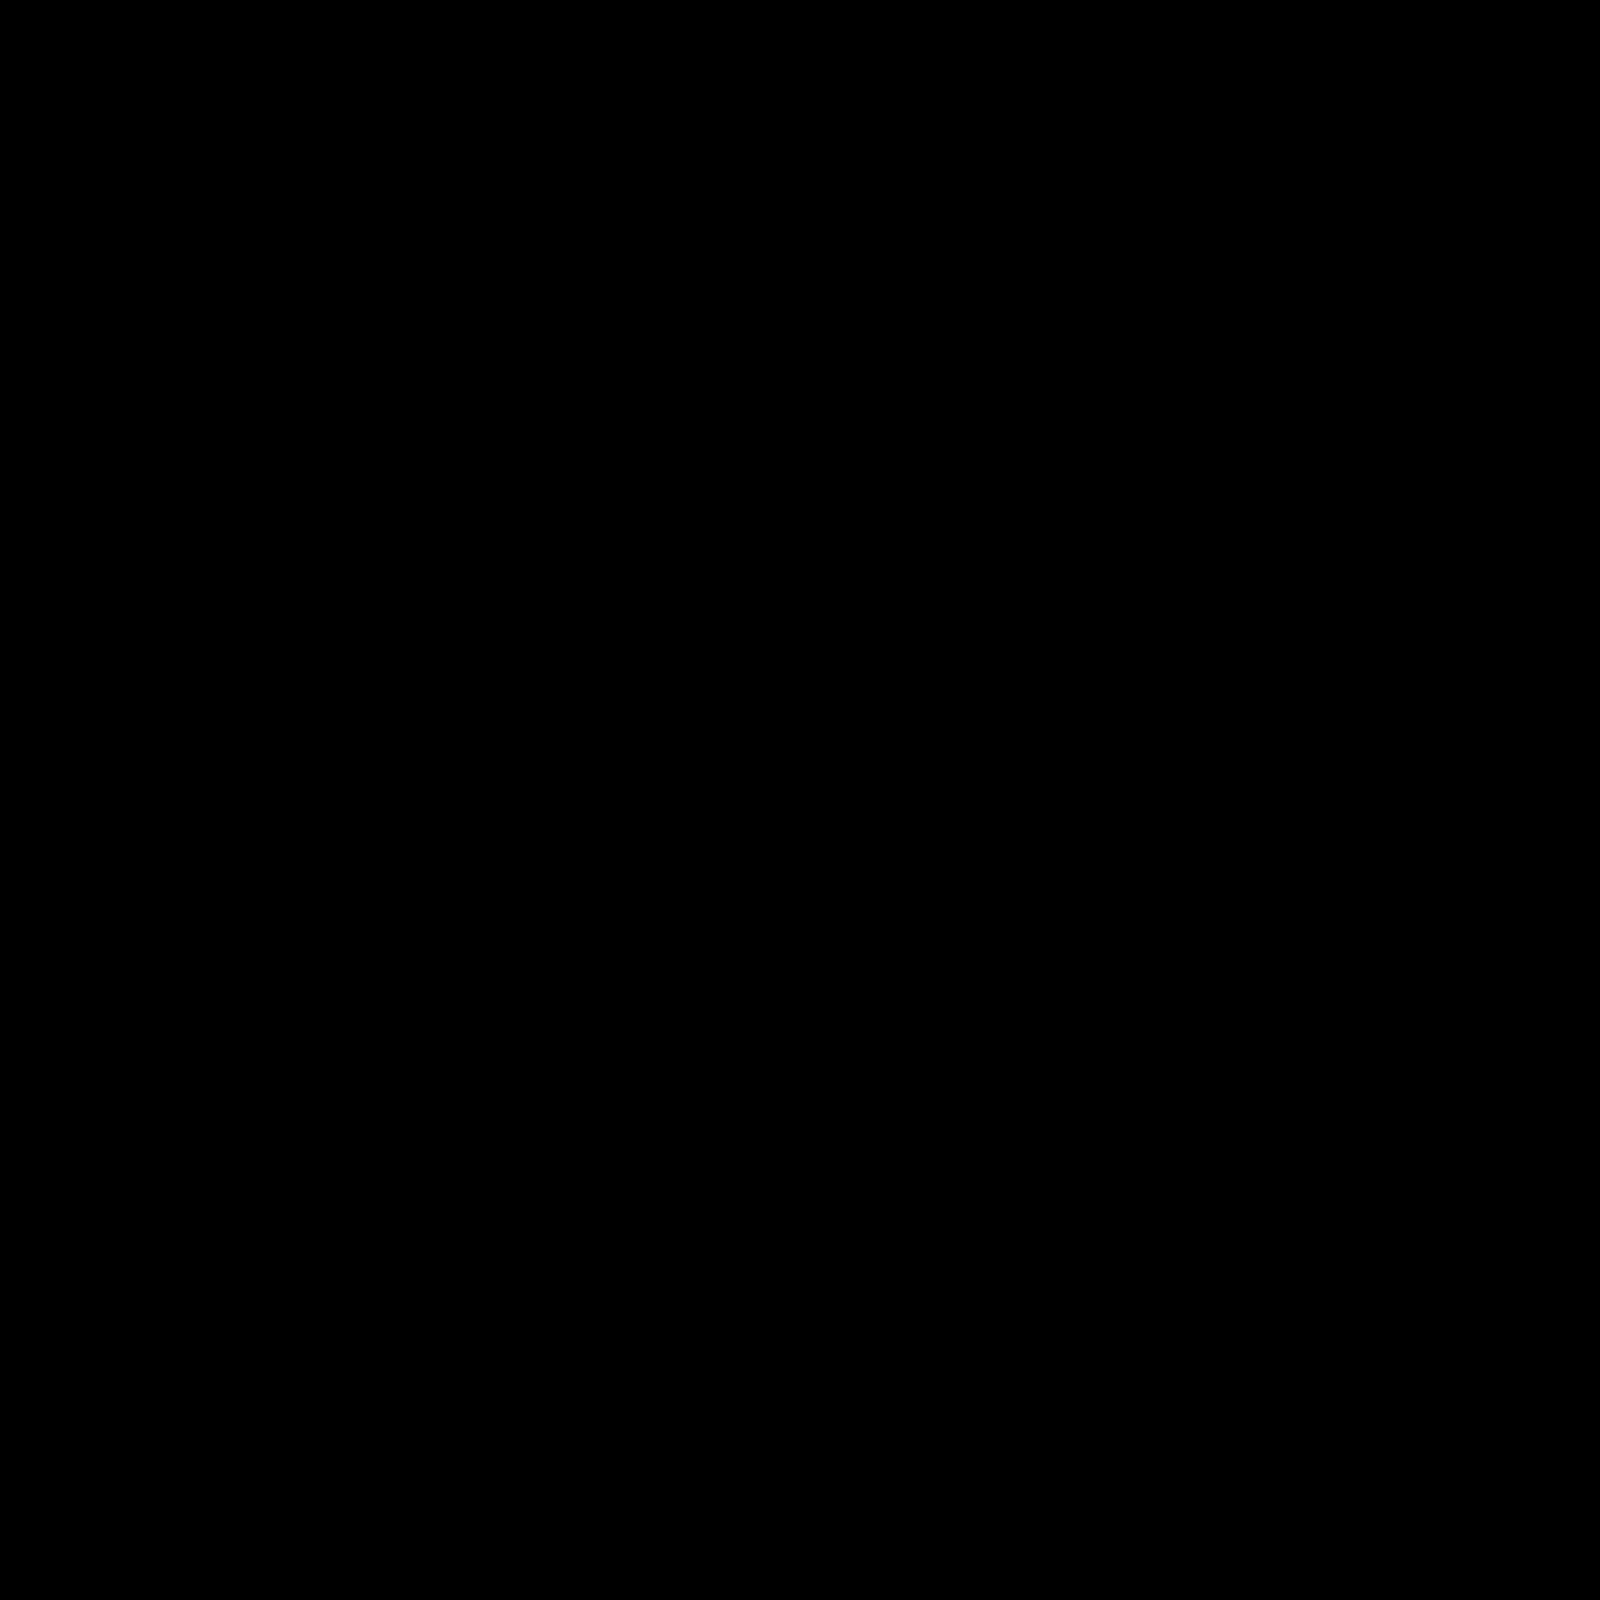 Mnożenie 2 icon